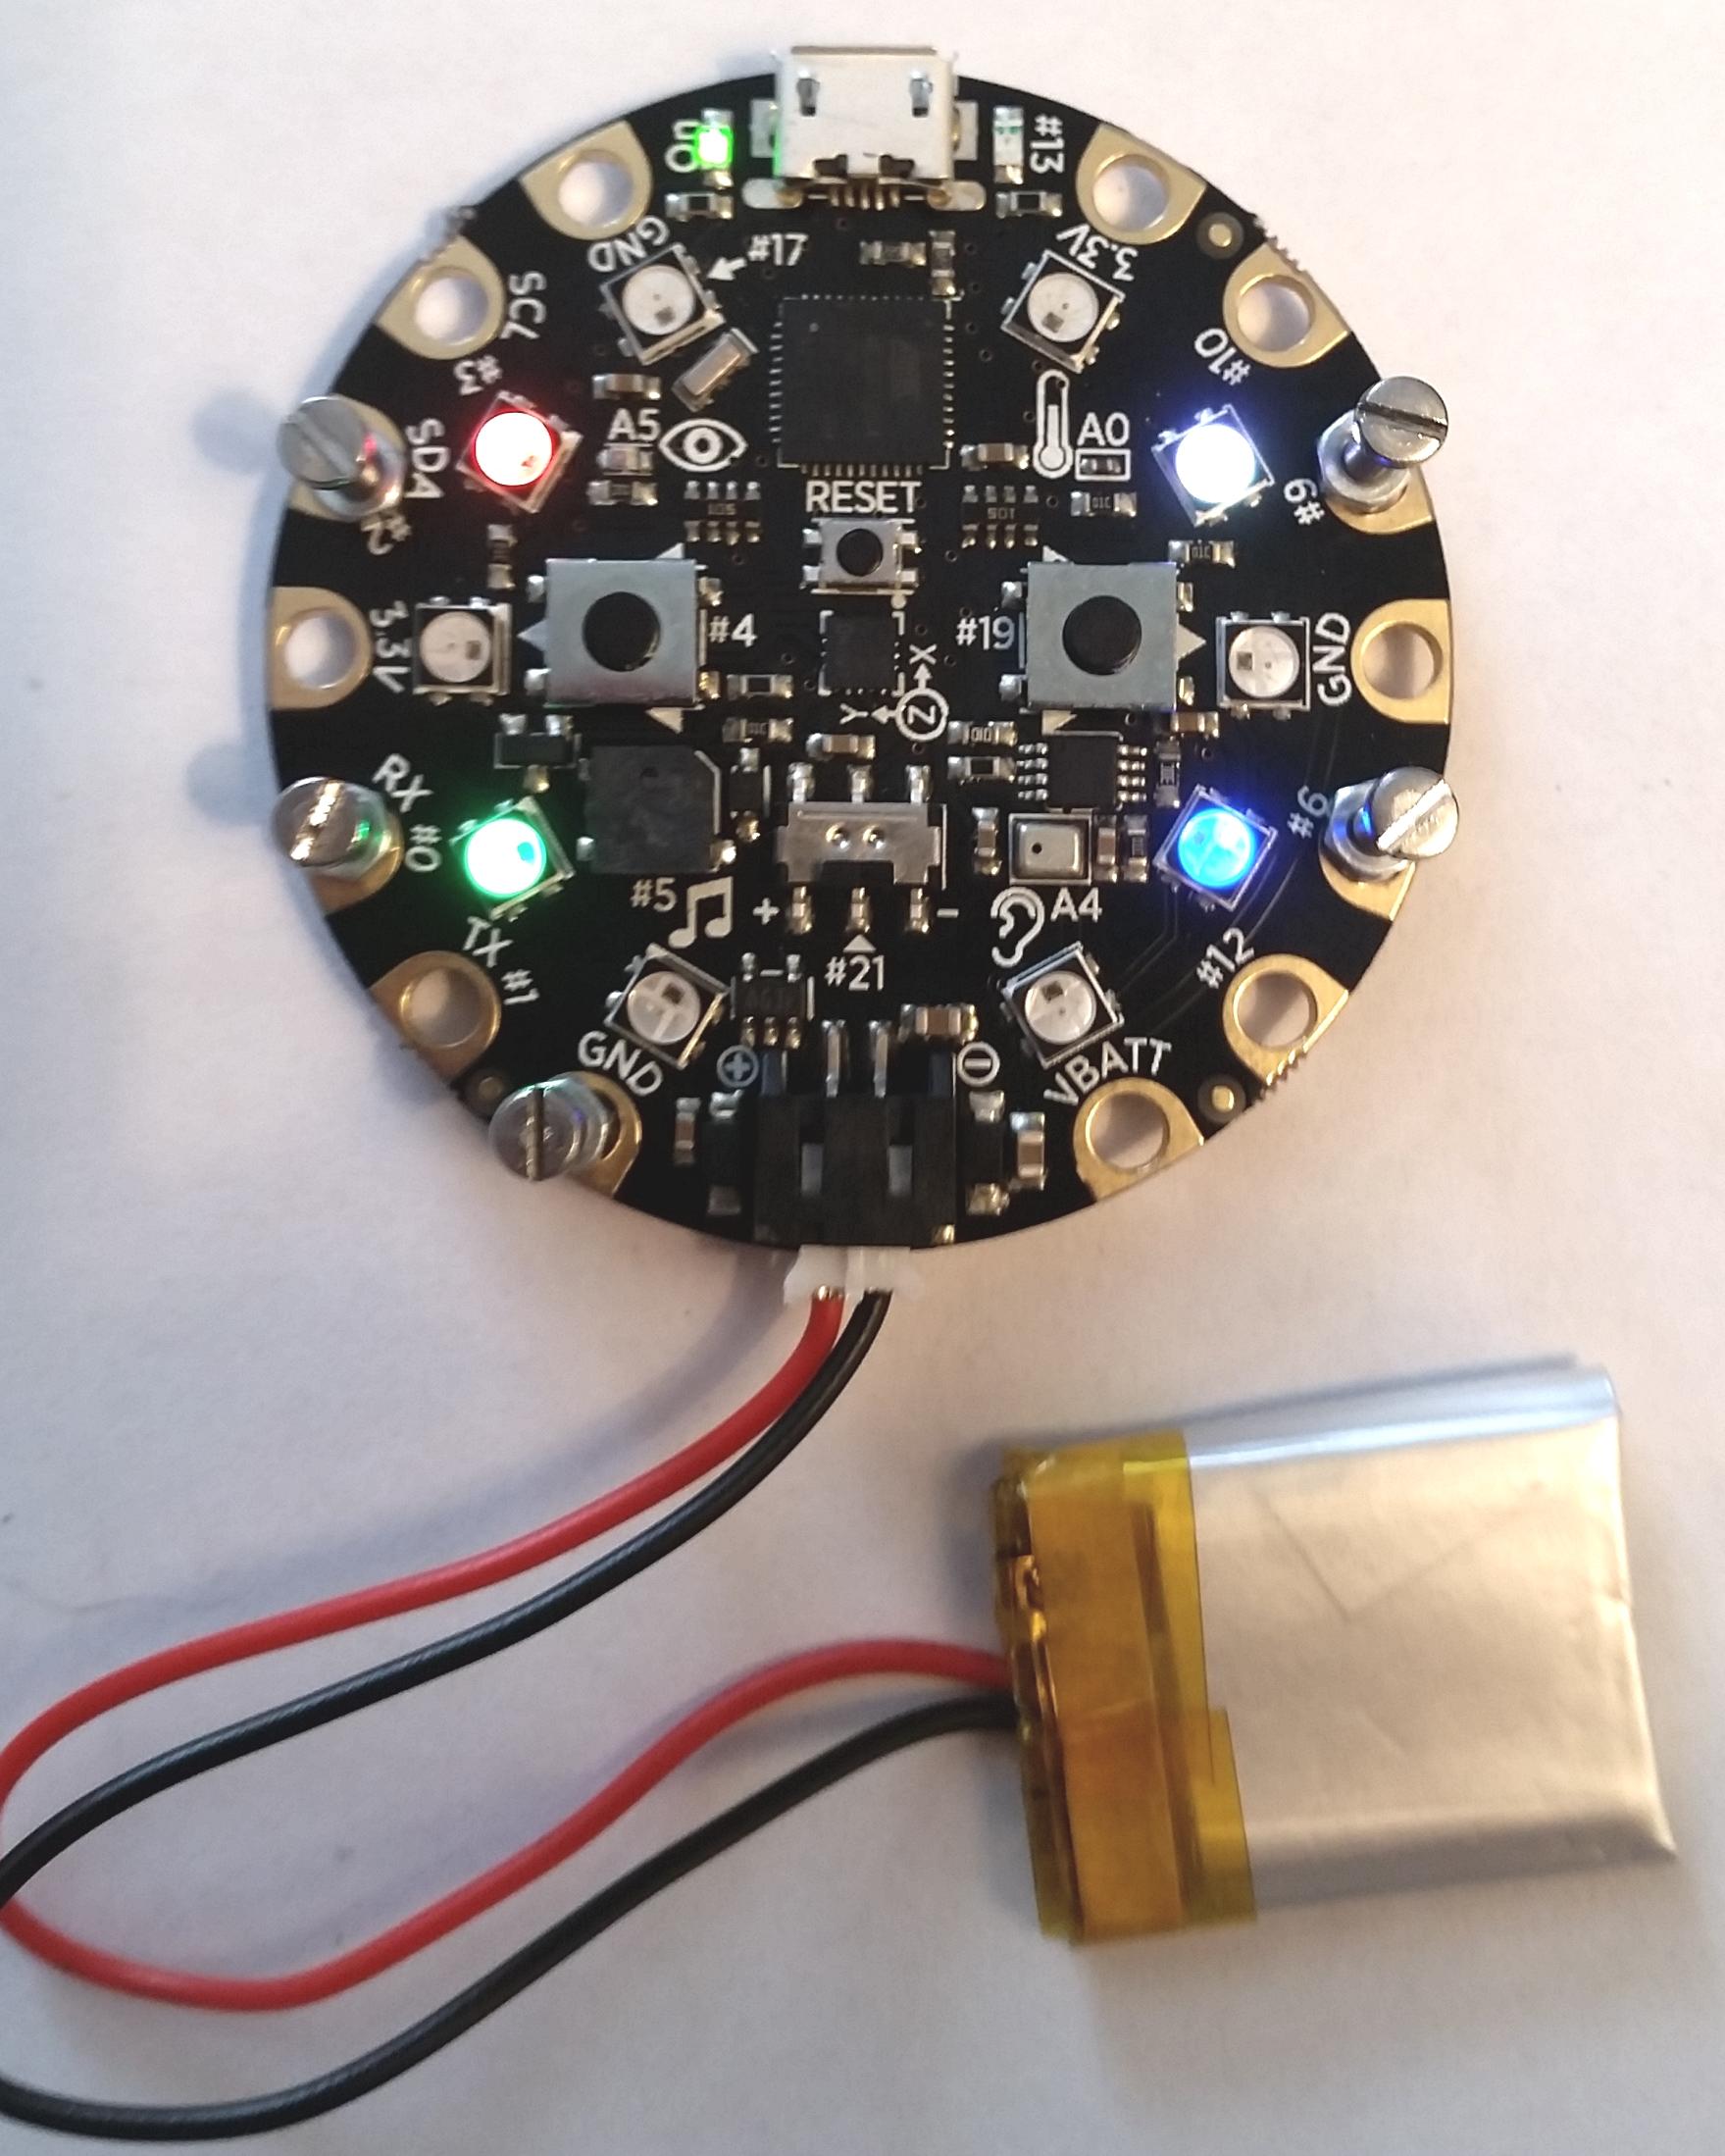 circuit_playground_simon_edit.jpg